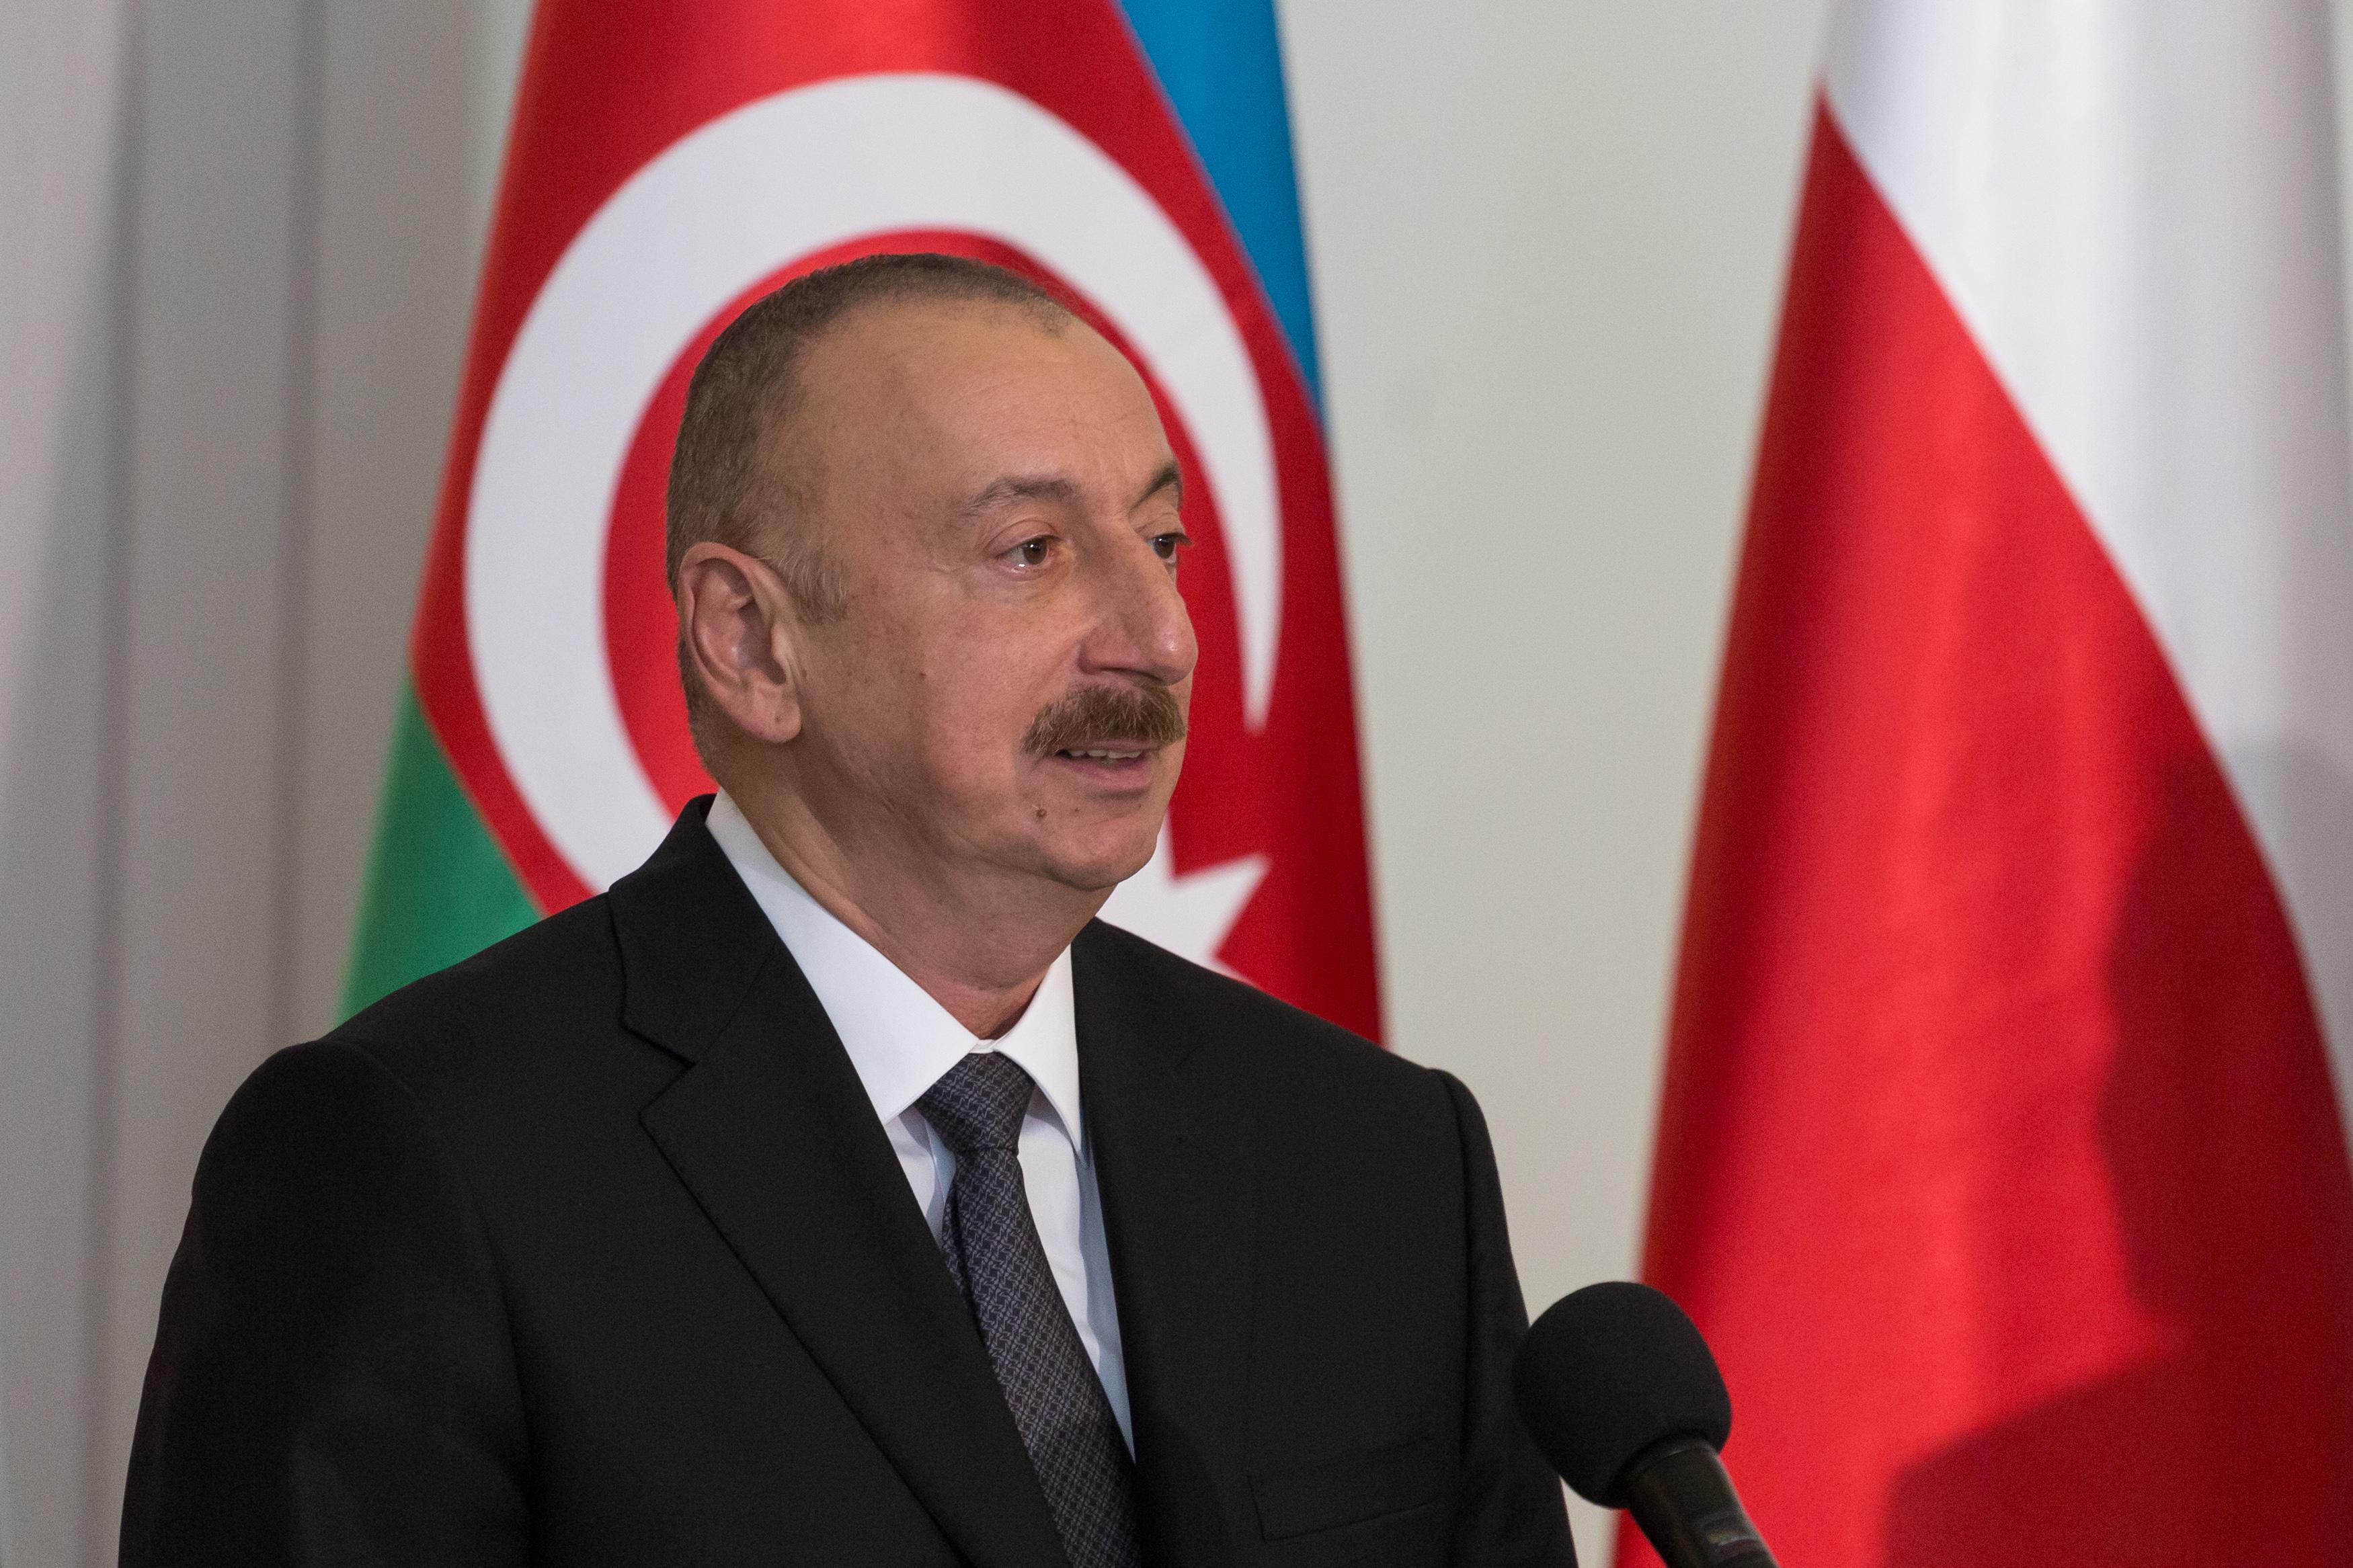 Azerbajdzsánban több tucat homoszexuális embert tartóztattak le, volt, akit össze is vertek a rendőrök